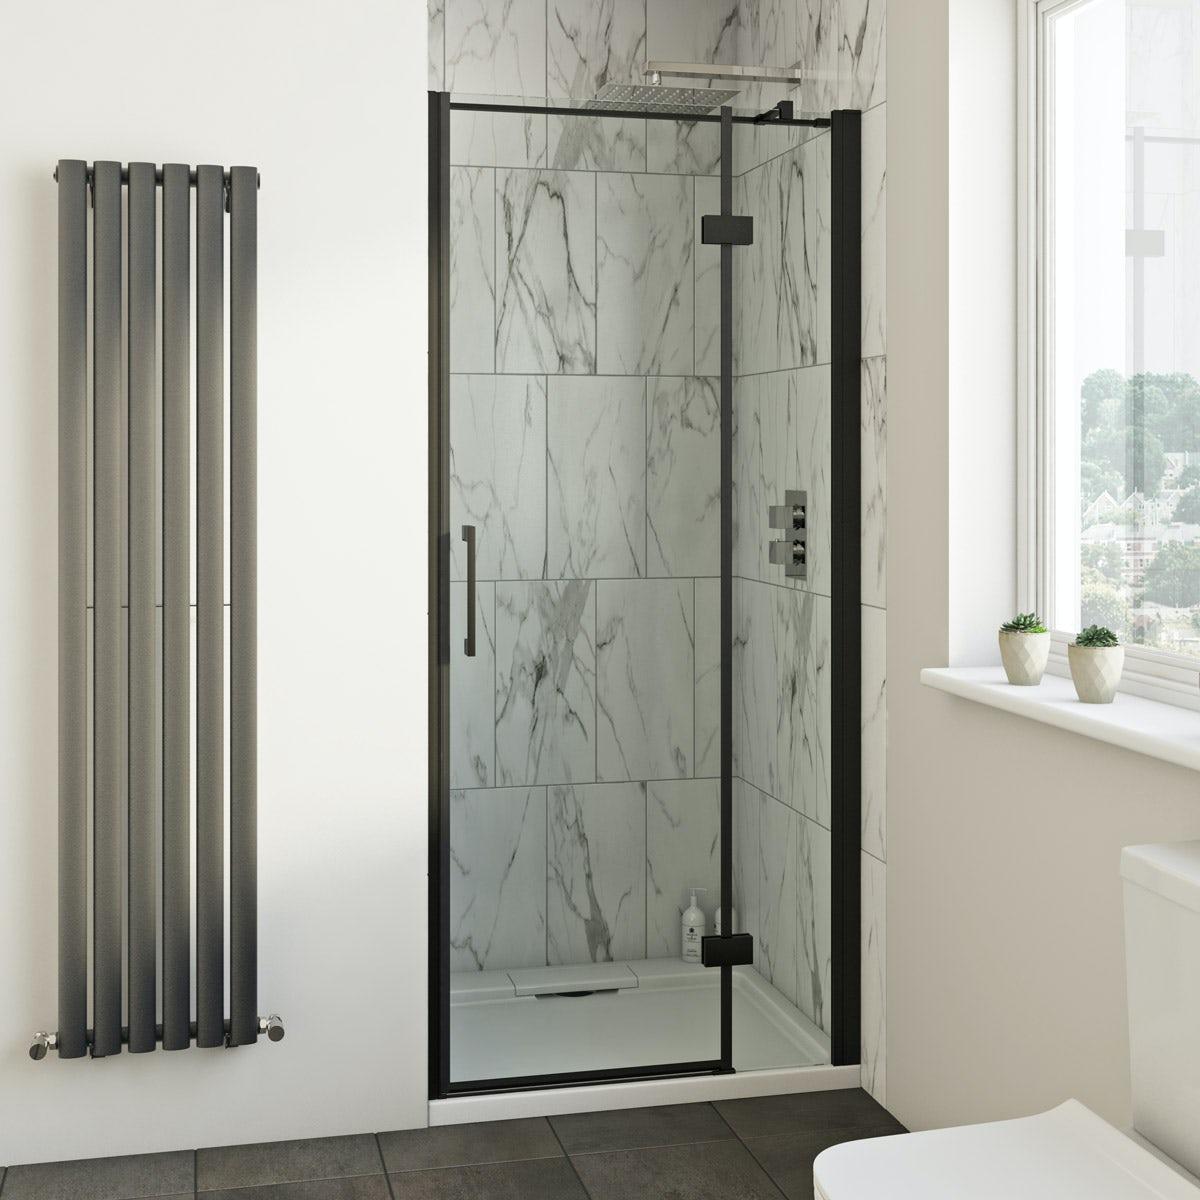 Victoria Plumb Showers >> Mode Cooper black hinged easy clean shower door | VictoriaPlum.com